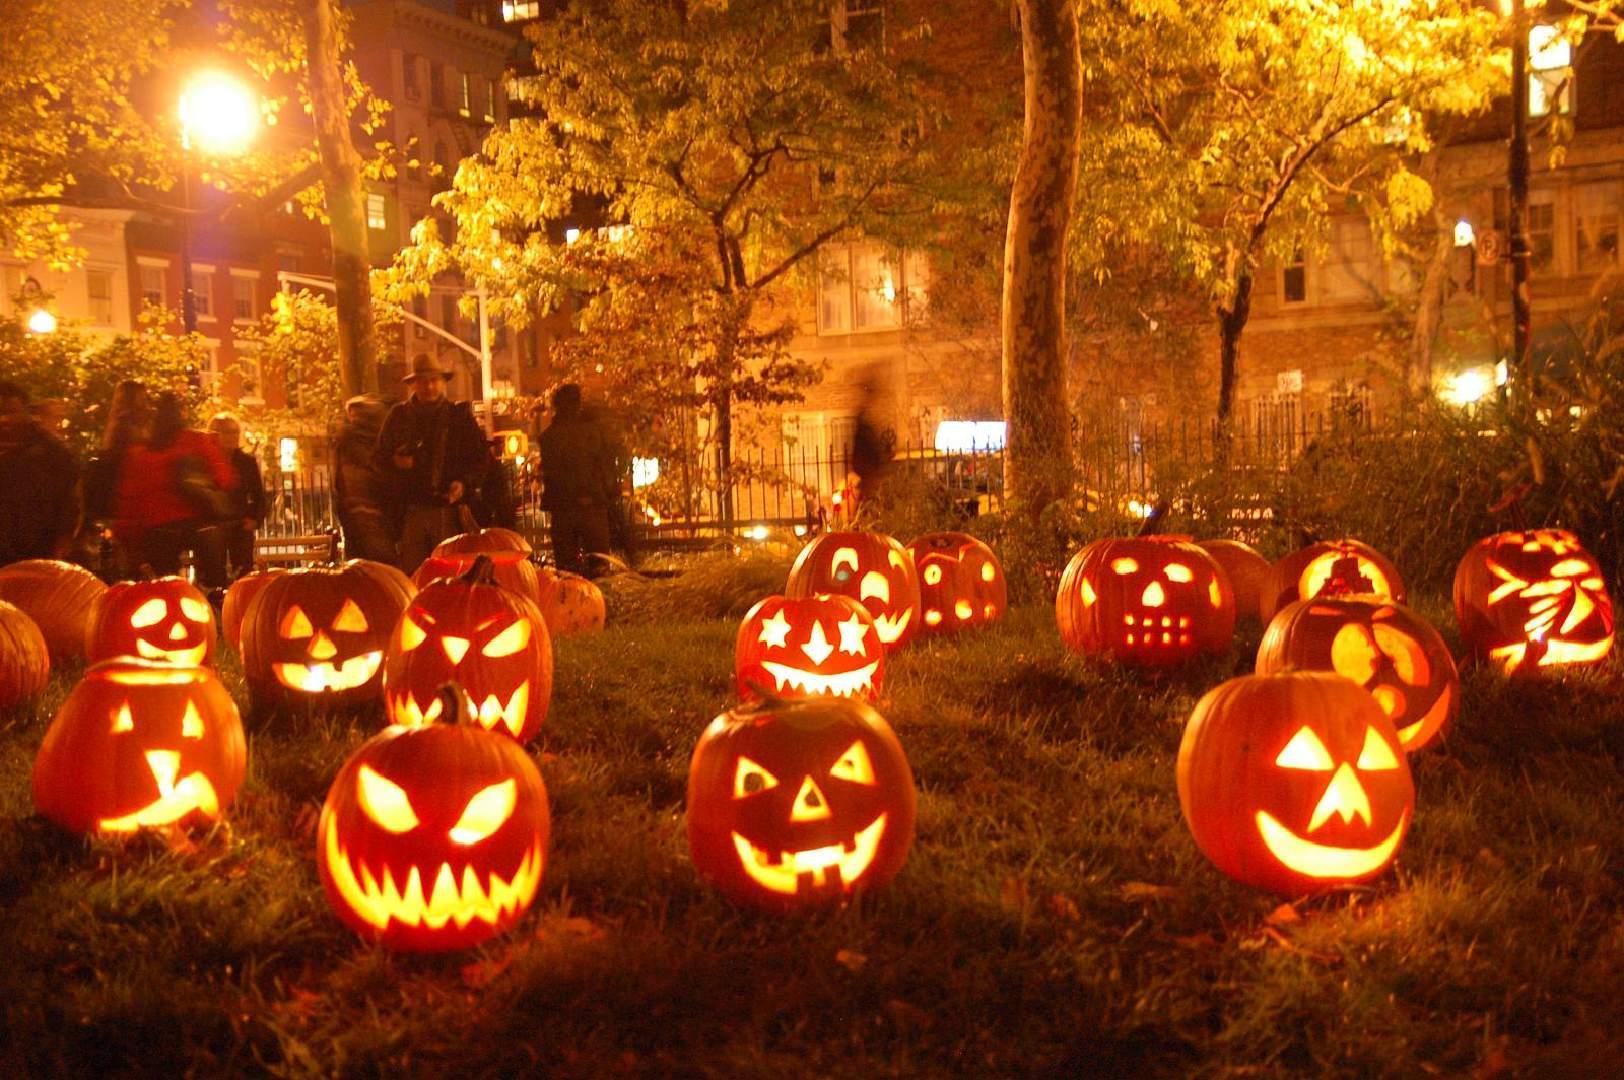 Fall Pumpkin Desktop wallpaper Fall Pumpkin Desktop hd wallpaper 1624x1080